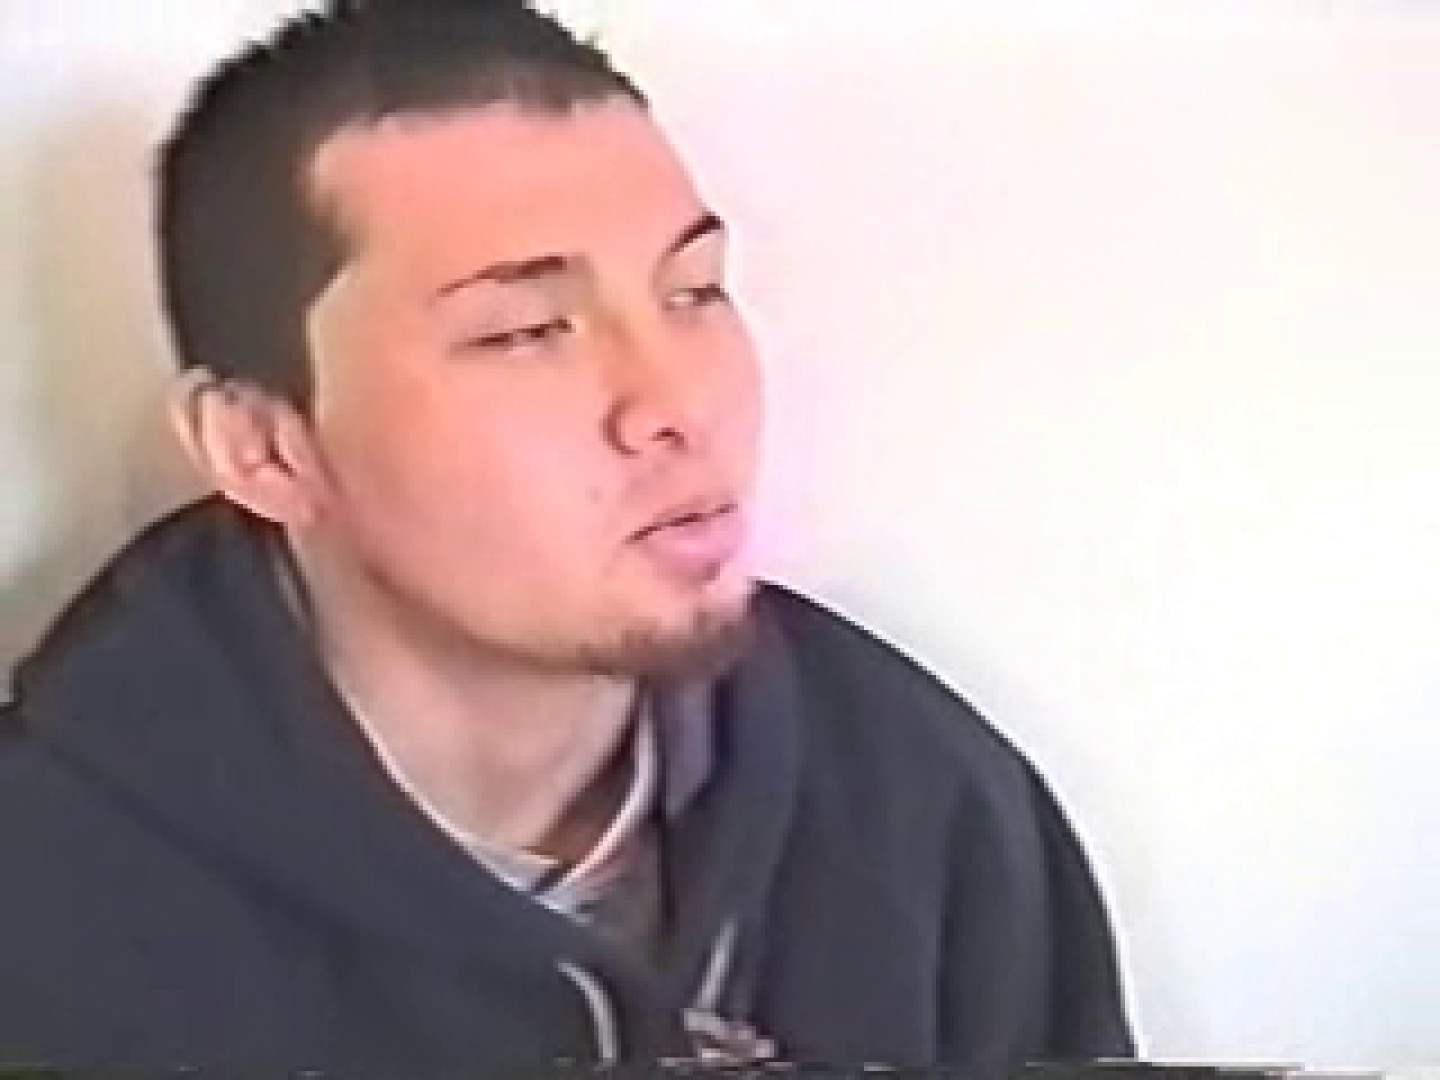 パワフルガ伝説!肉体派な男達VOL.3(オナニー編) イケメン・パラダイス ゲイ無料エロ画像 108画像 3